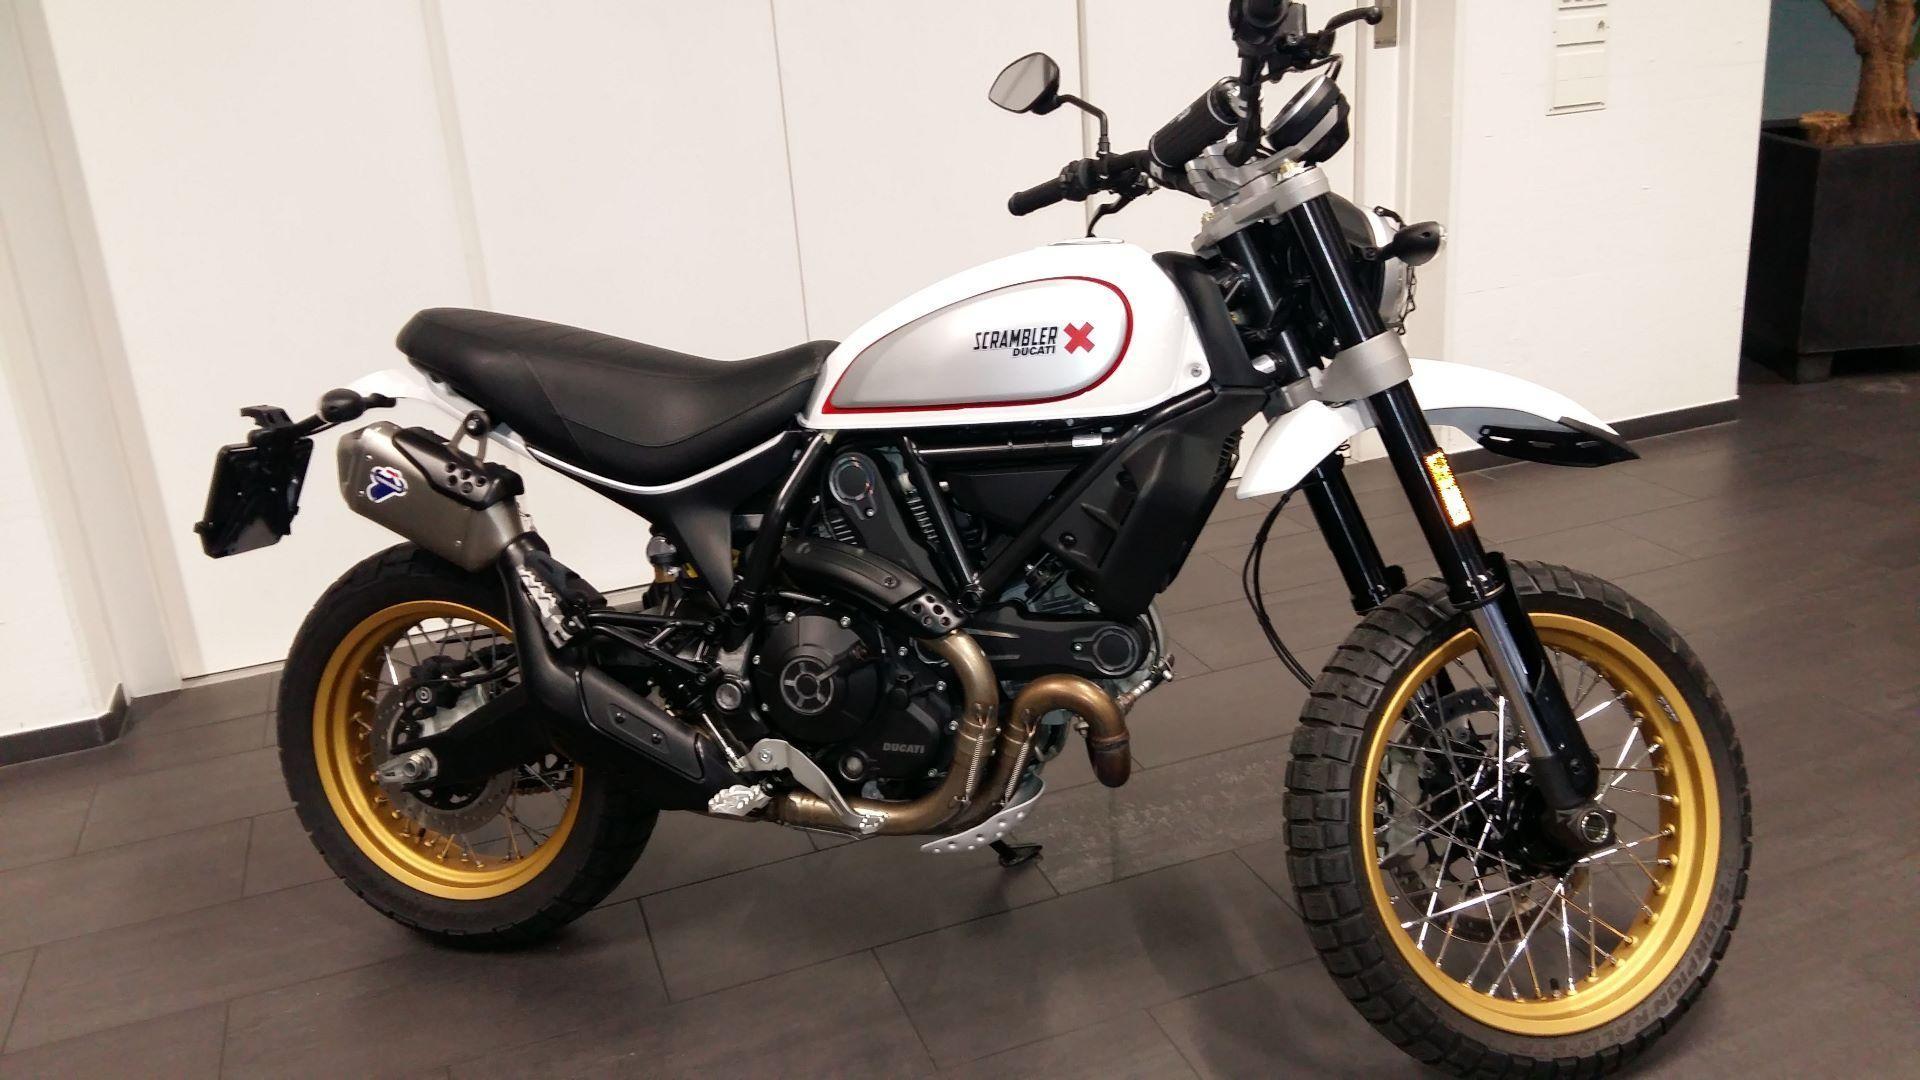 Scrambler Modelle 2019 Moto77 Ag Frauenfeld